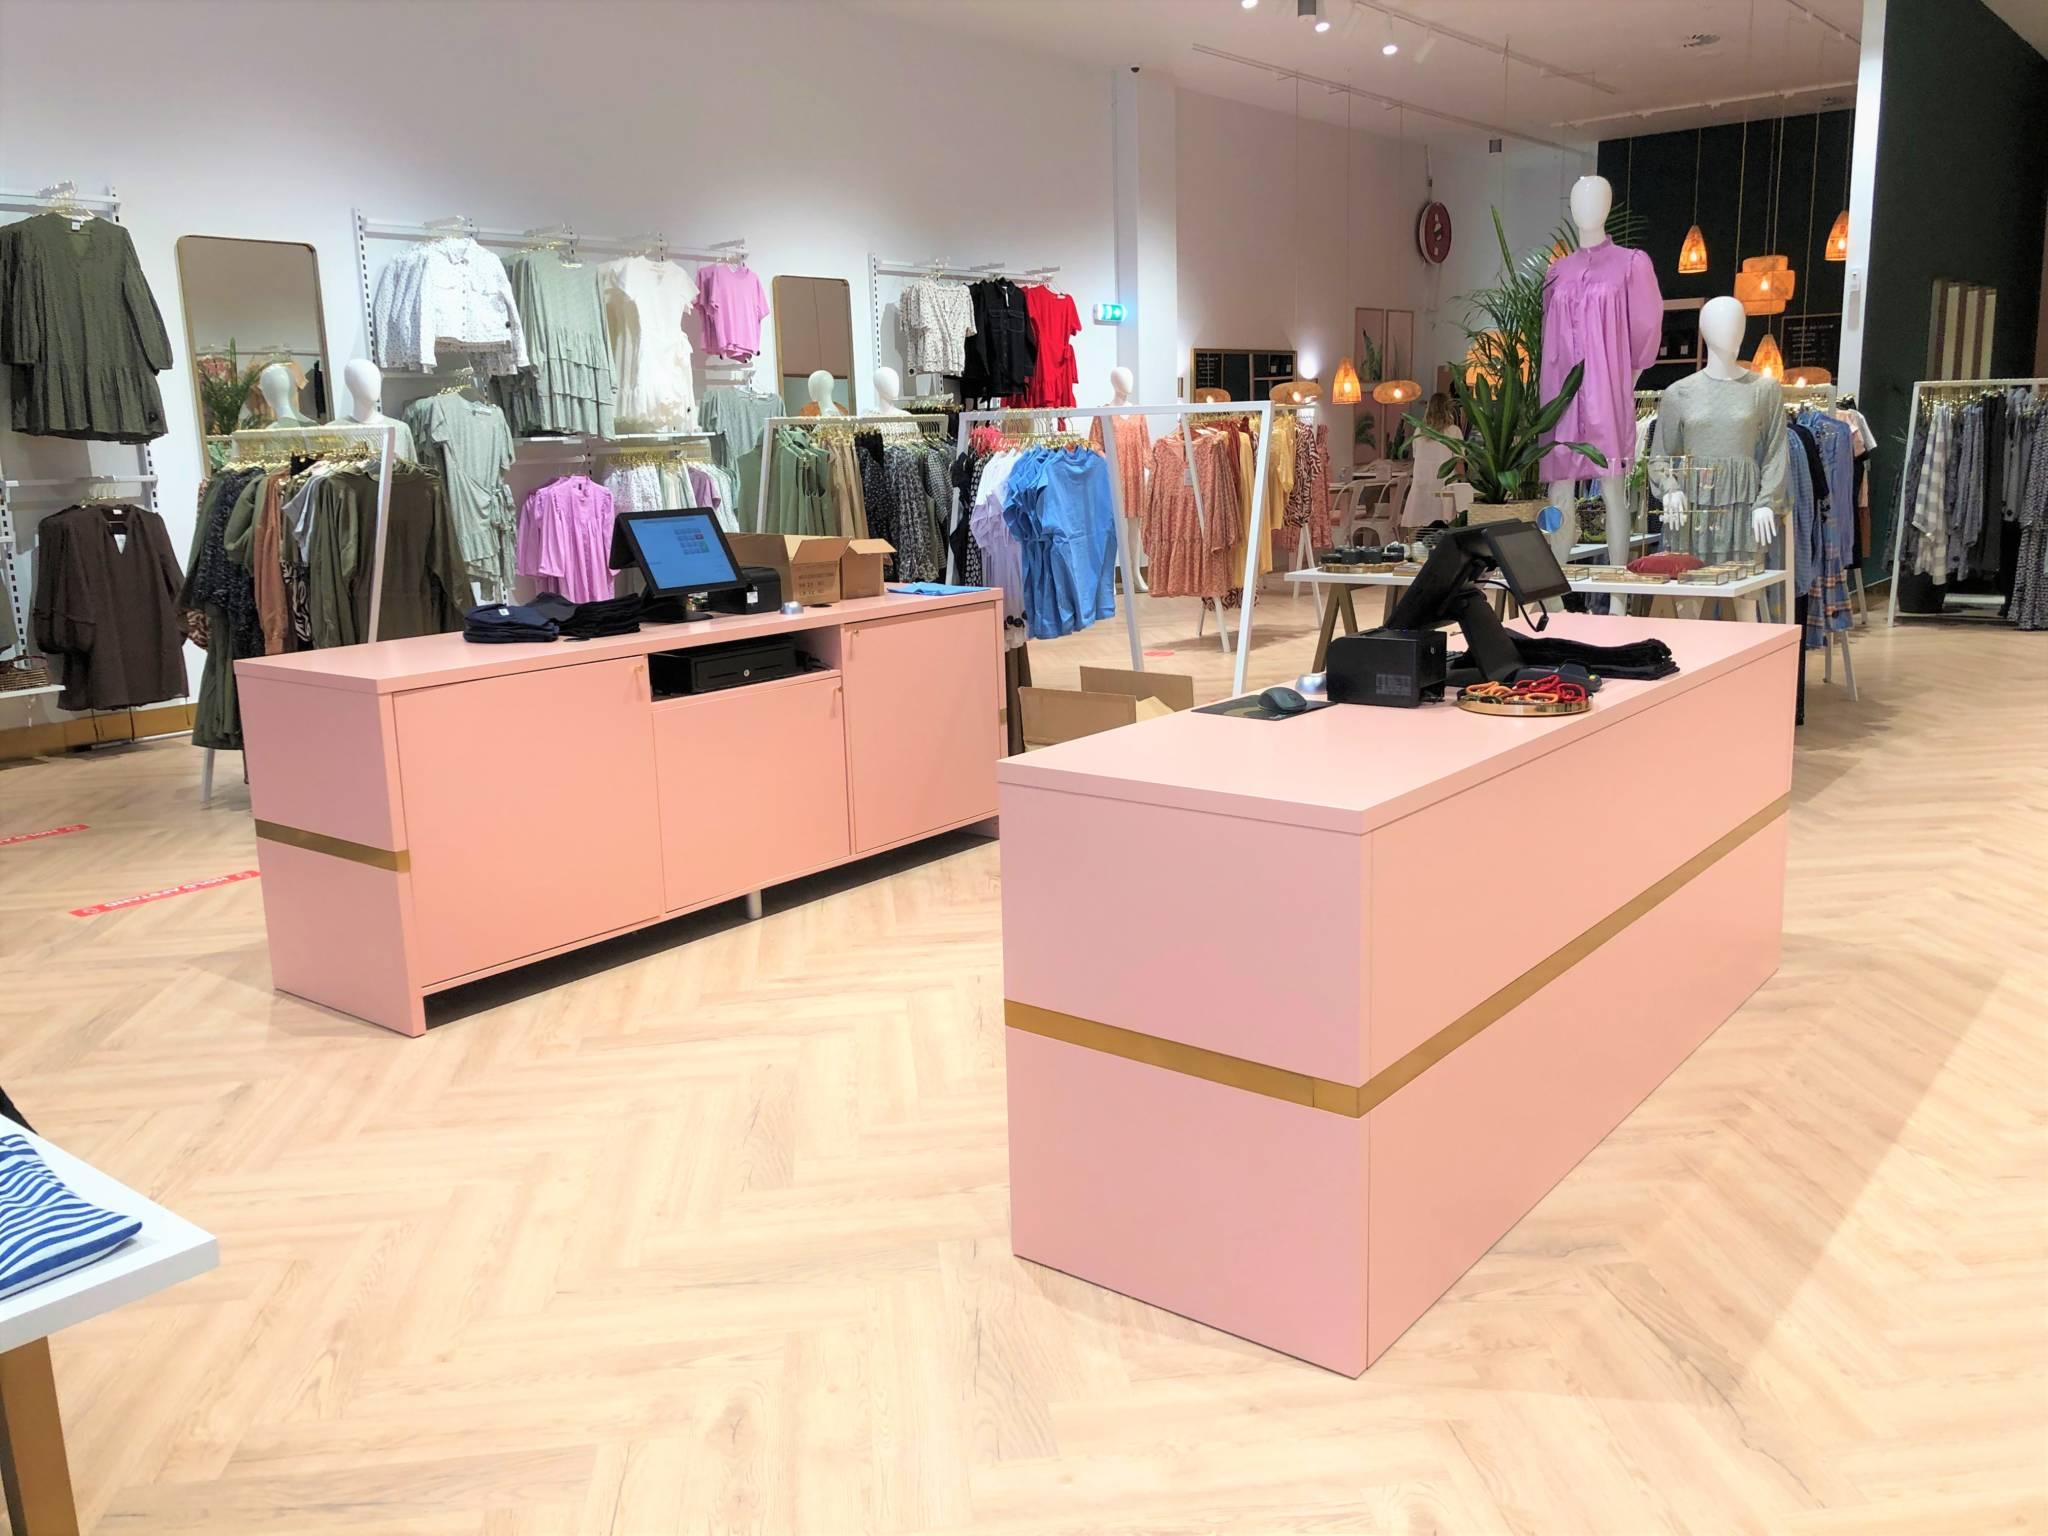 Ny butik med flotte konceptfarver